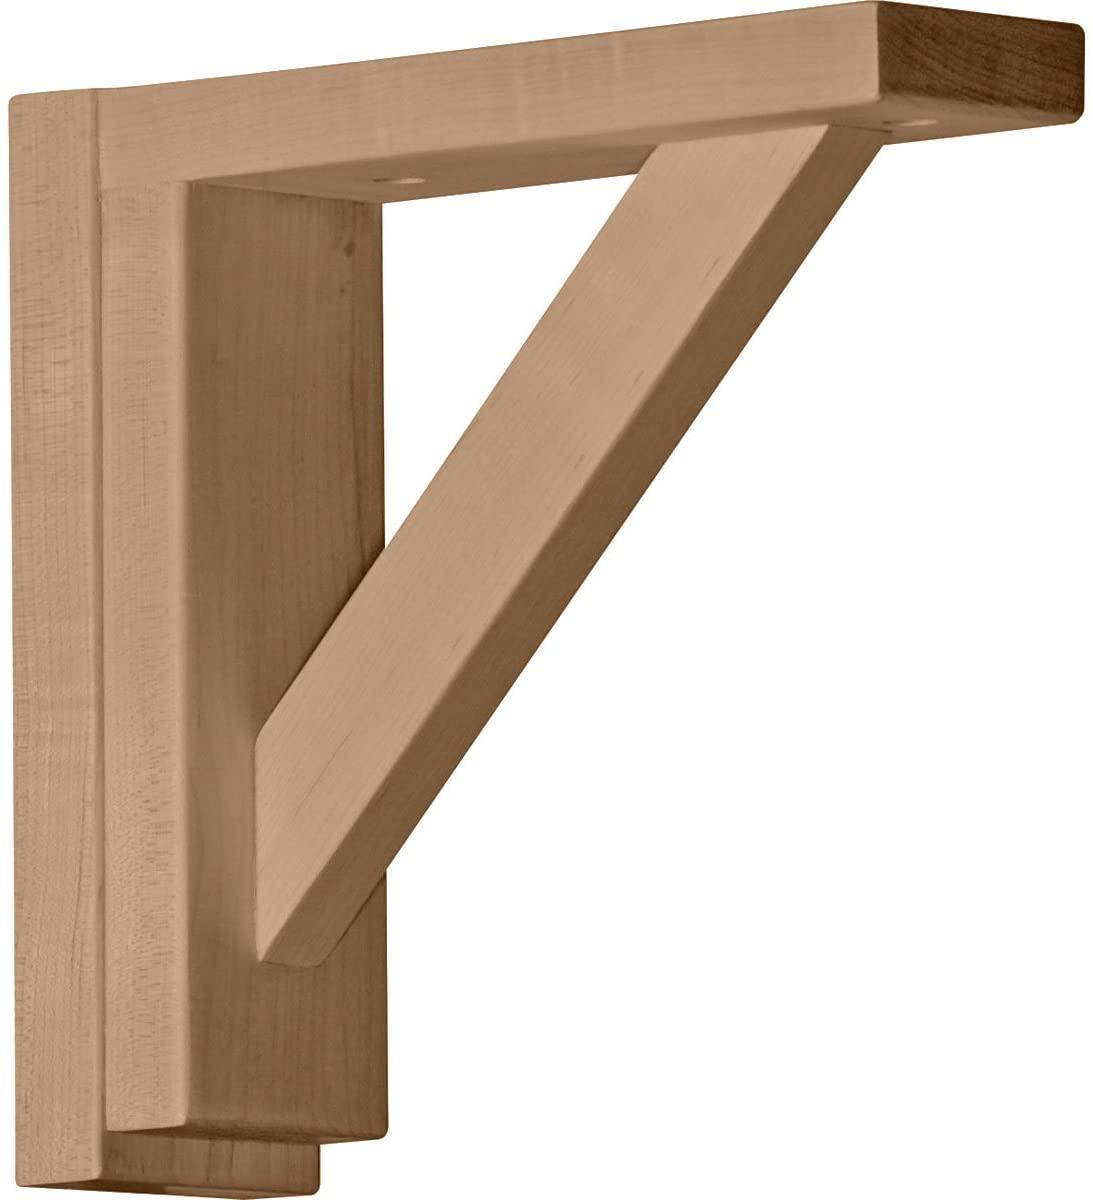 Ekena Millwork BKT02X08X08TRRW-CASE-4 Traditional Shelf Bracket, Rubberwood - Ready to be Stained